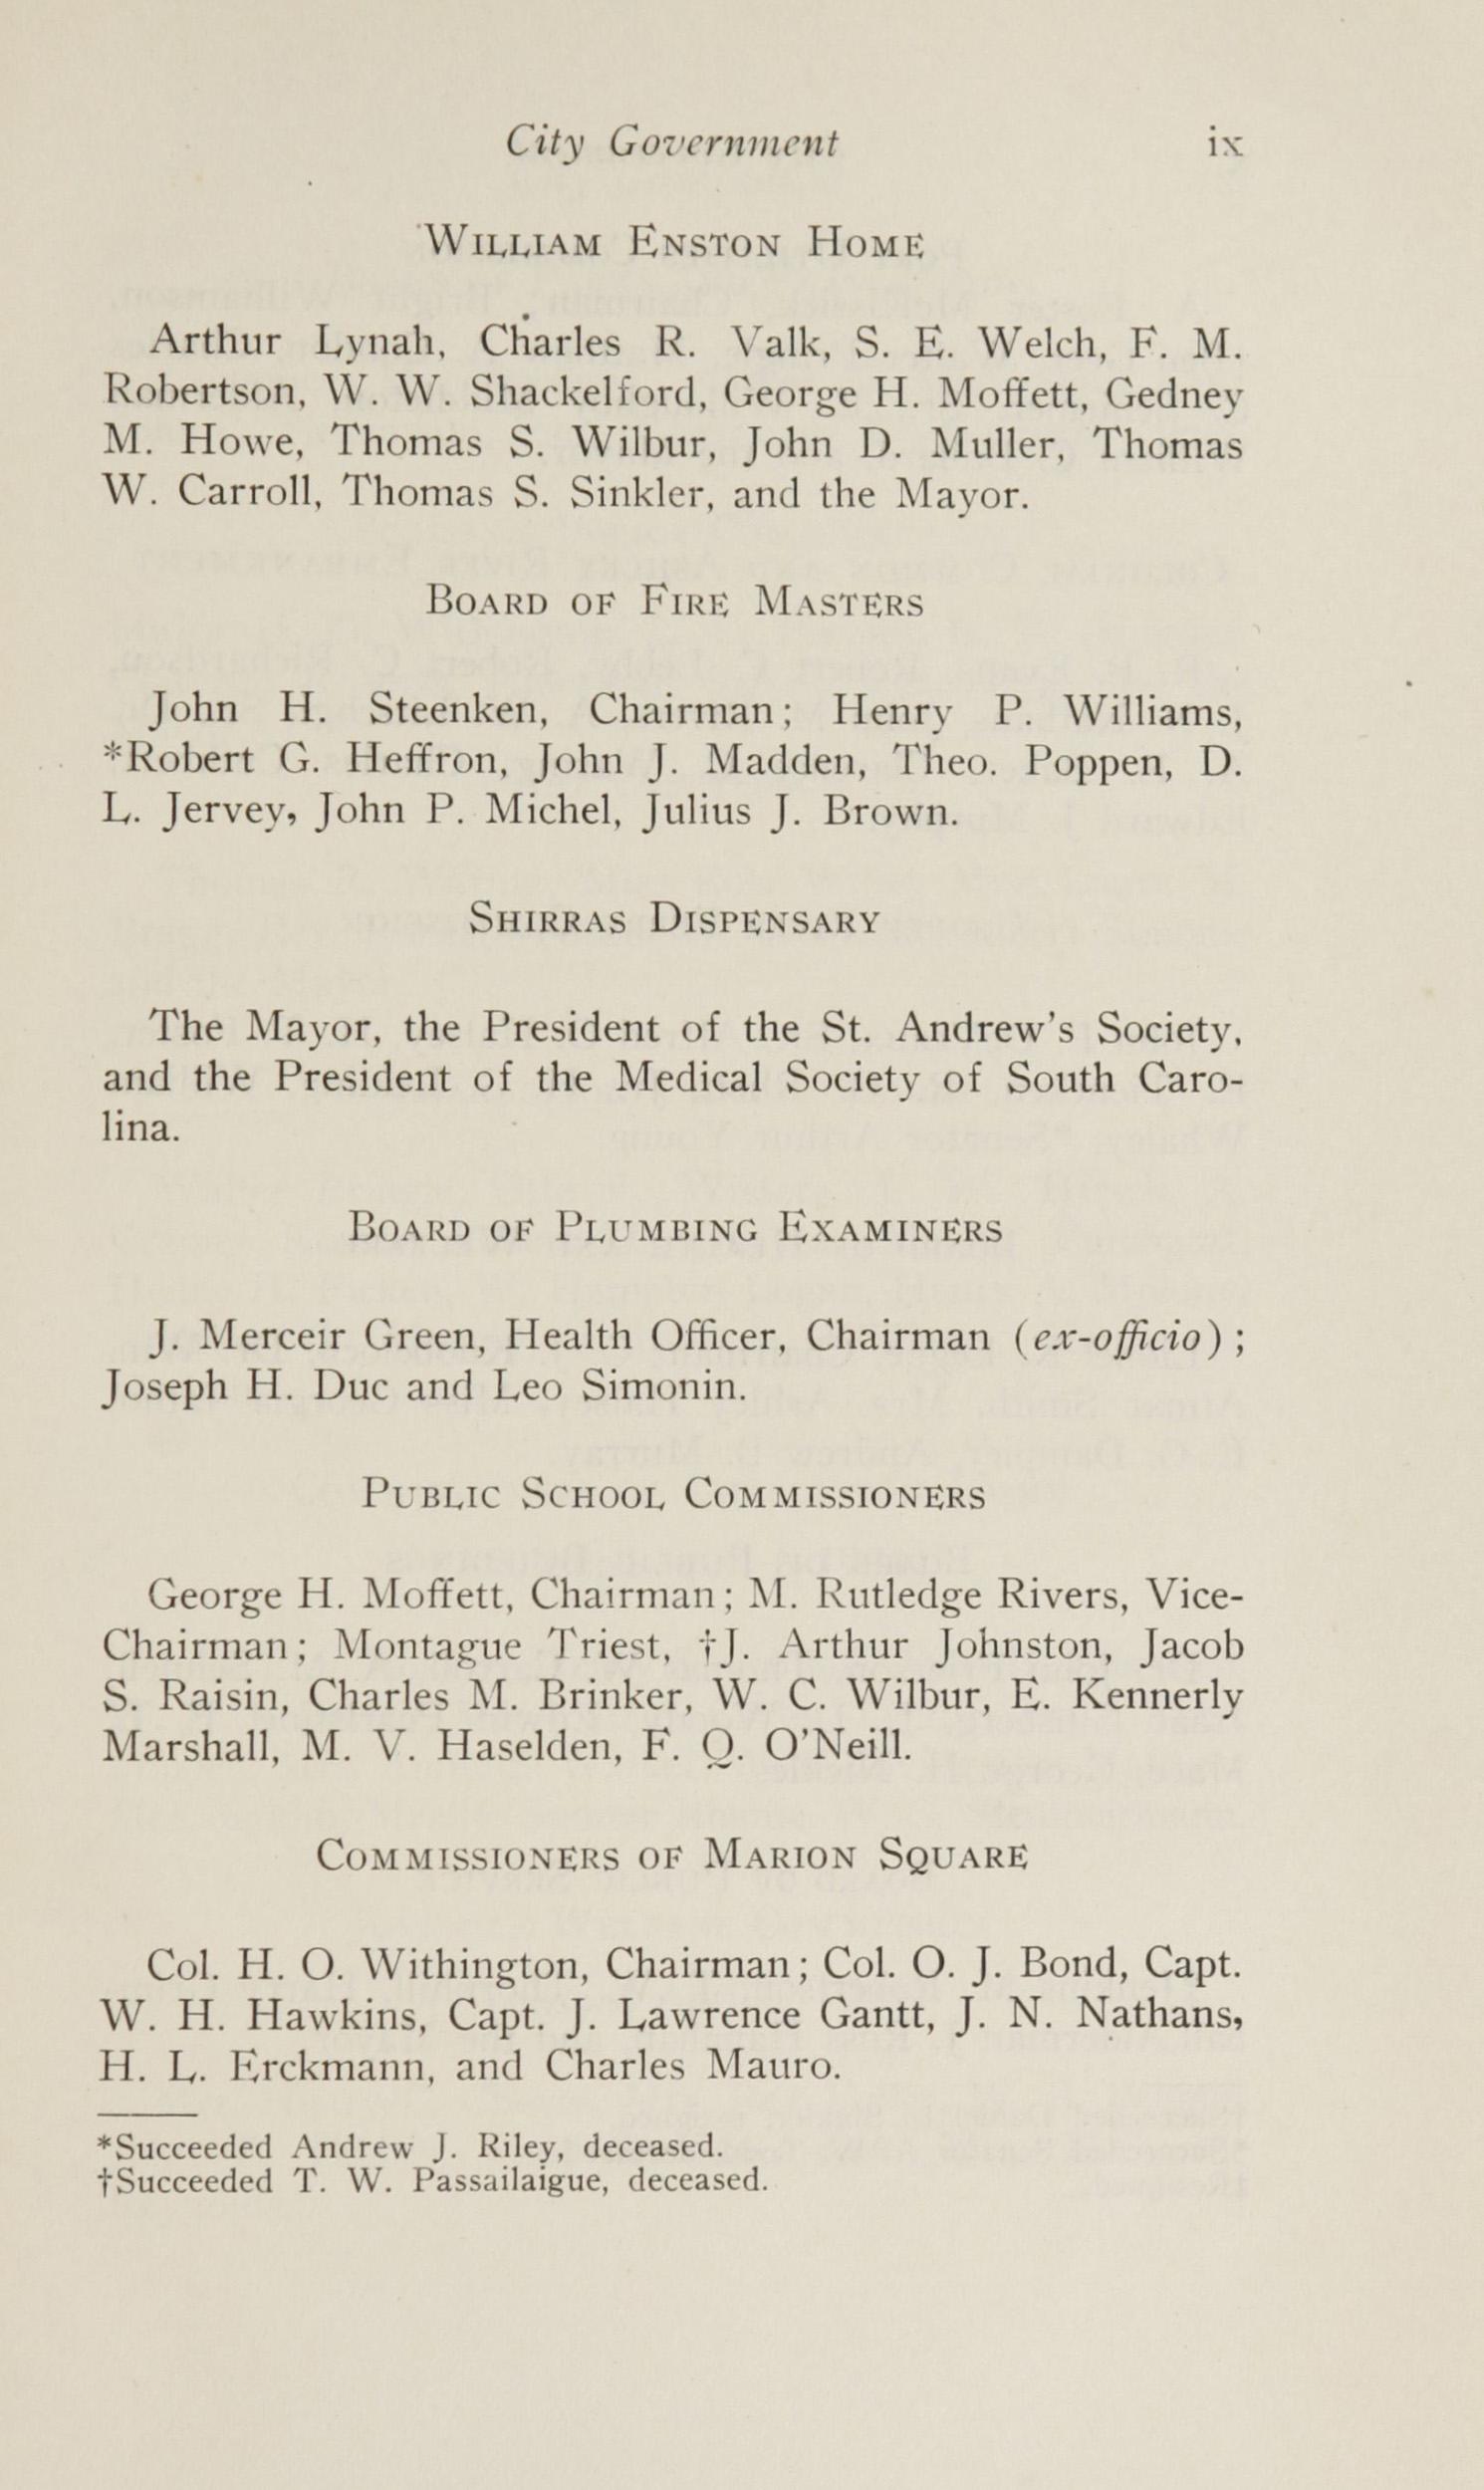 Charleston Yearbook, 1924, page ix